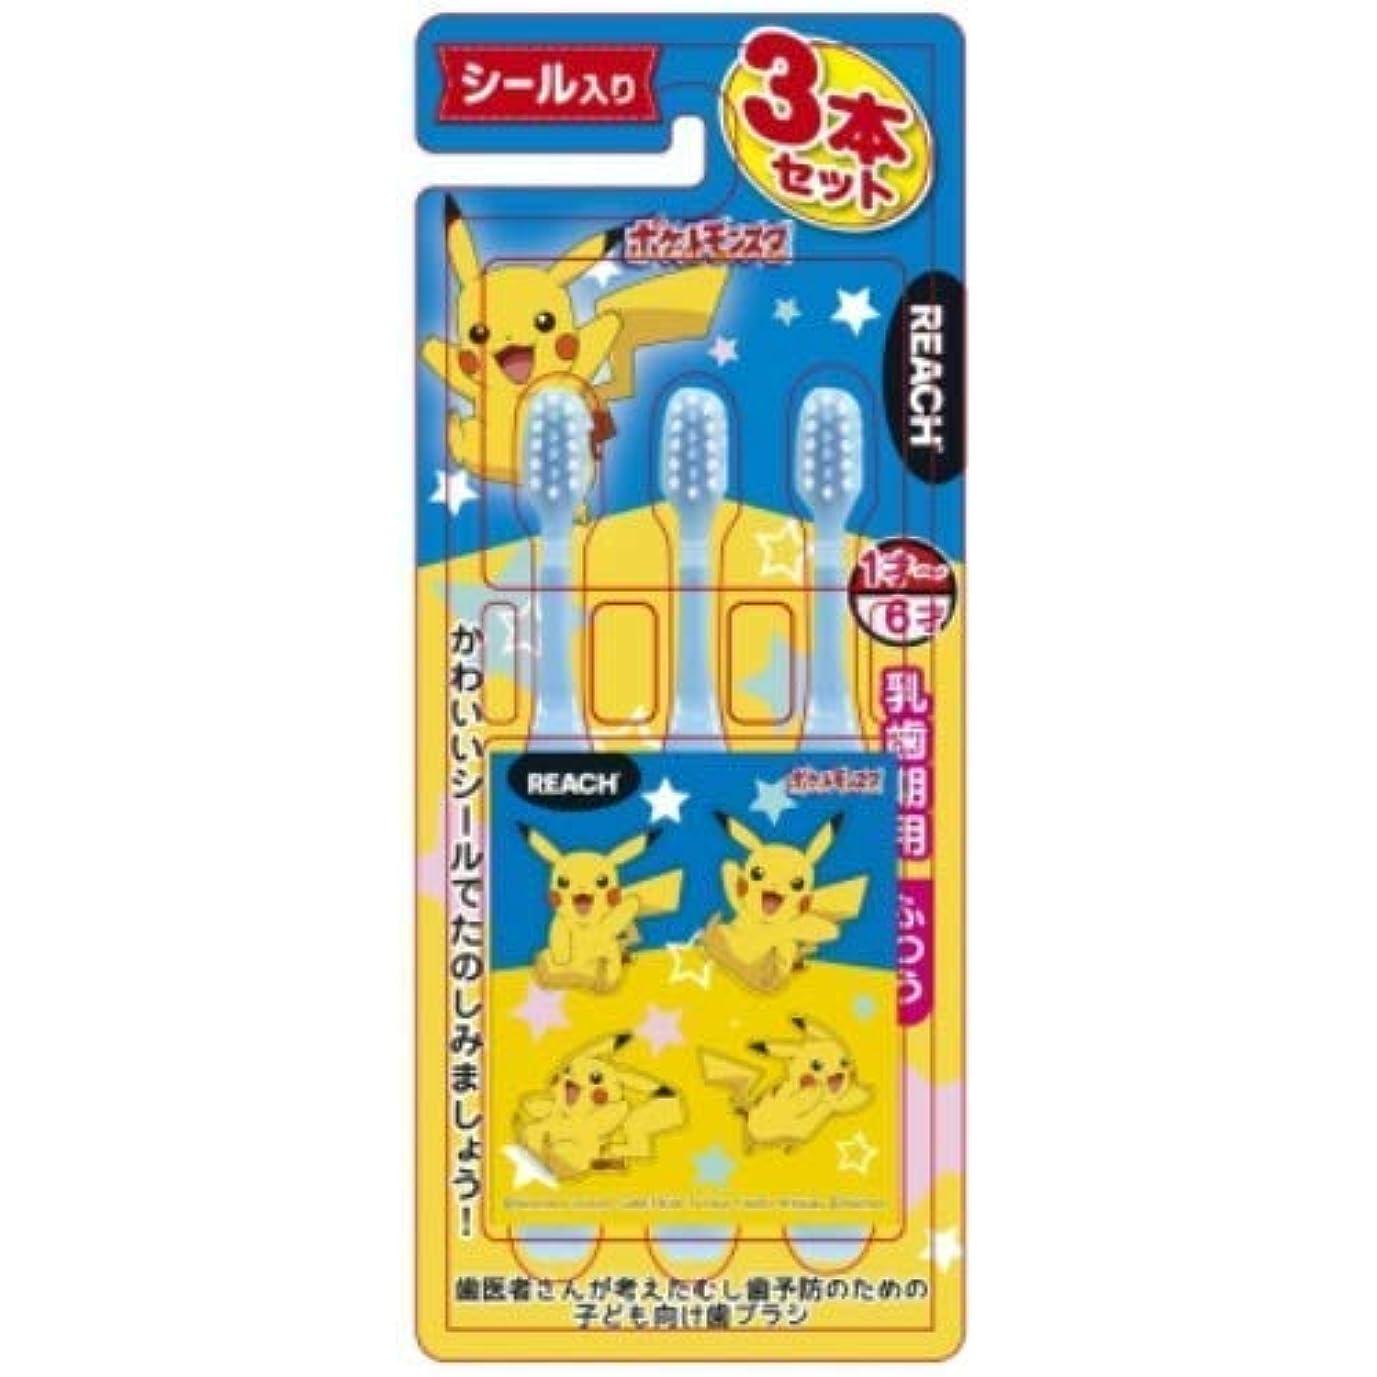 嫌なチートモットーリーチキッズ3本(シール入り) ポケモン 乳歯期用 × 8個セット